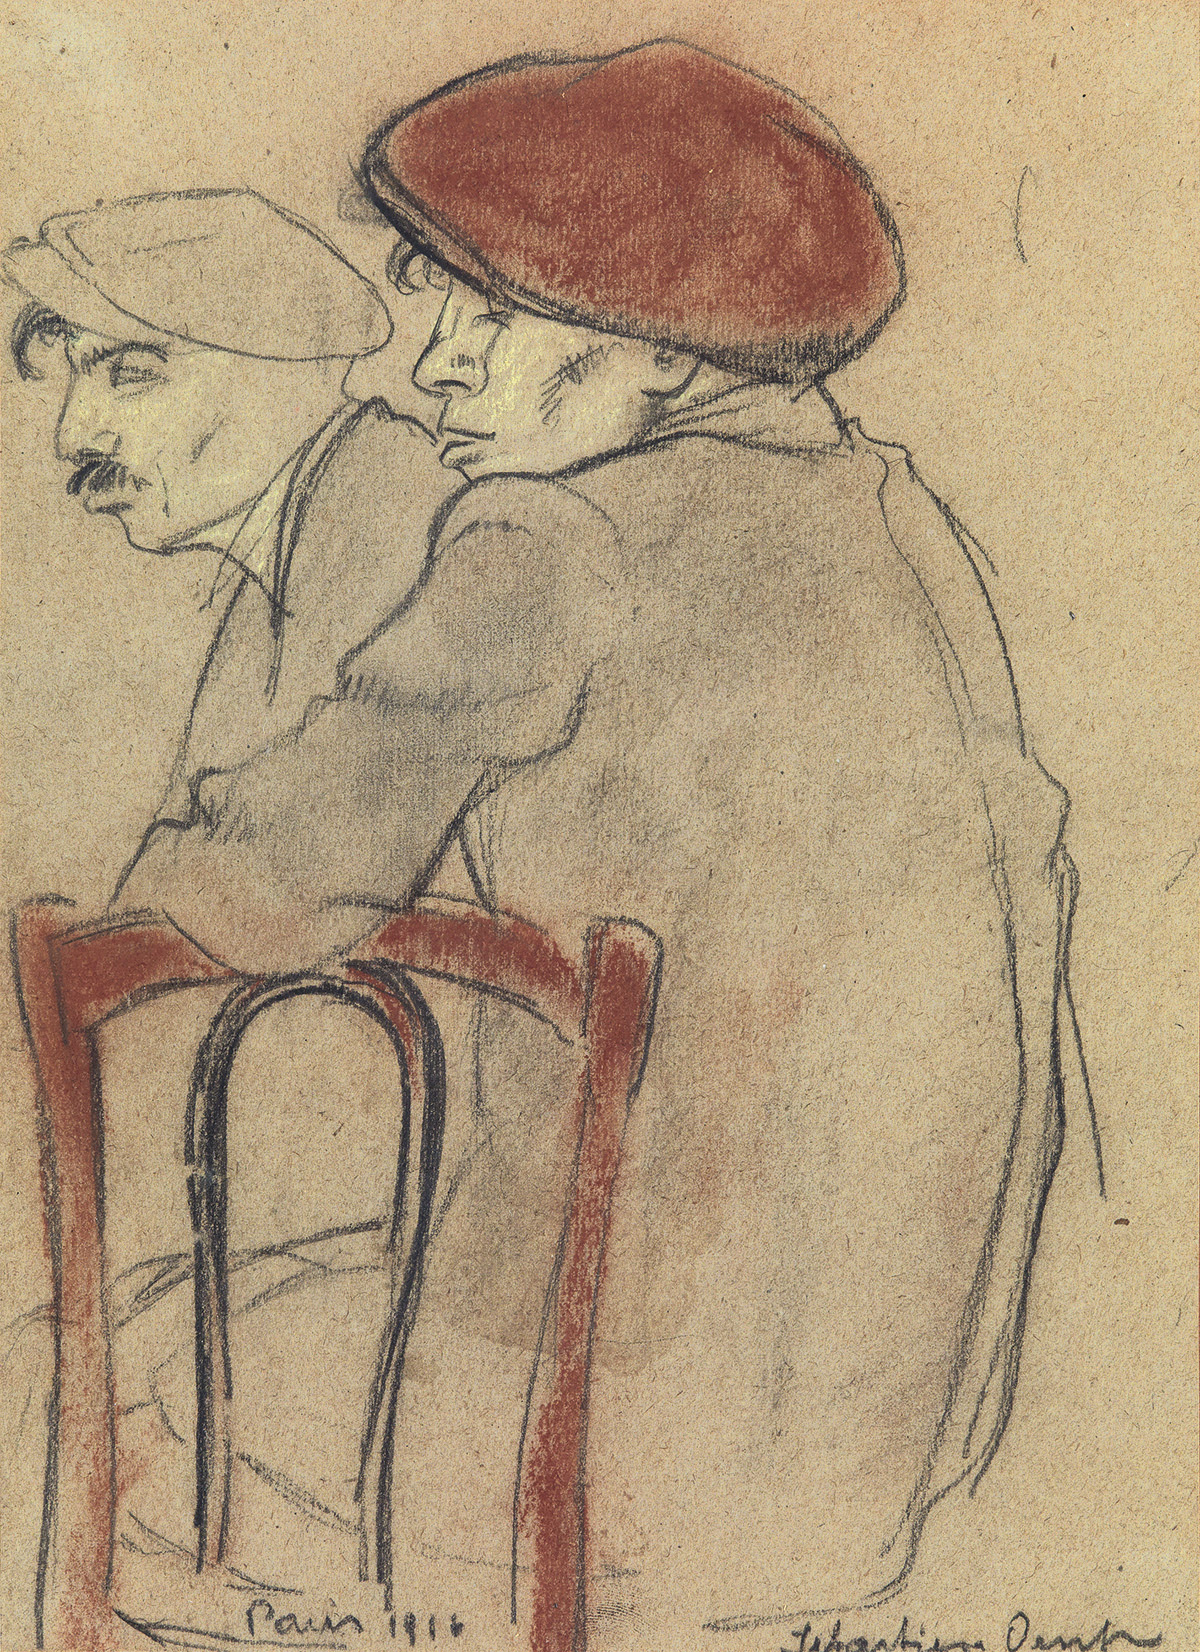 ALBERT-SEBASTIAN-OESCH-Sitzende-Figuren